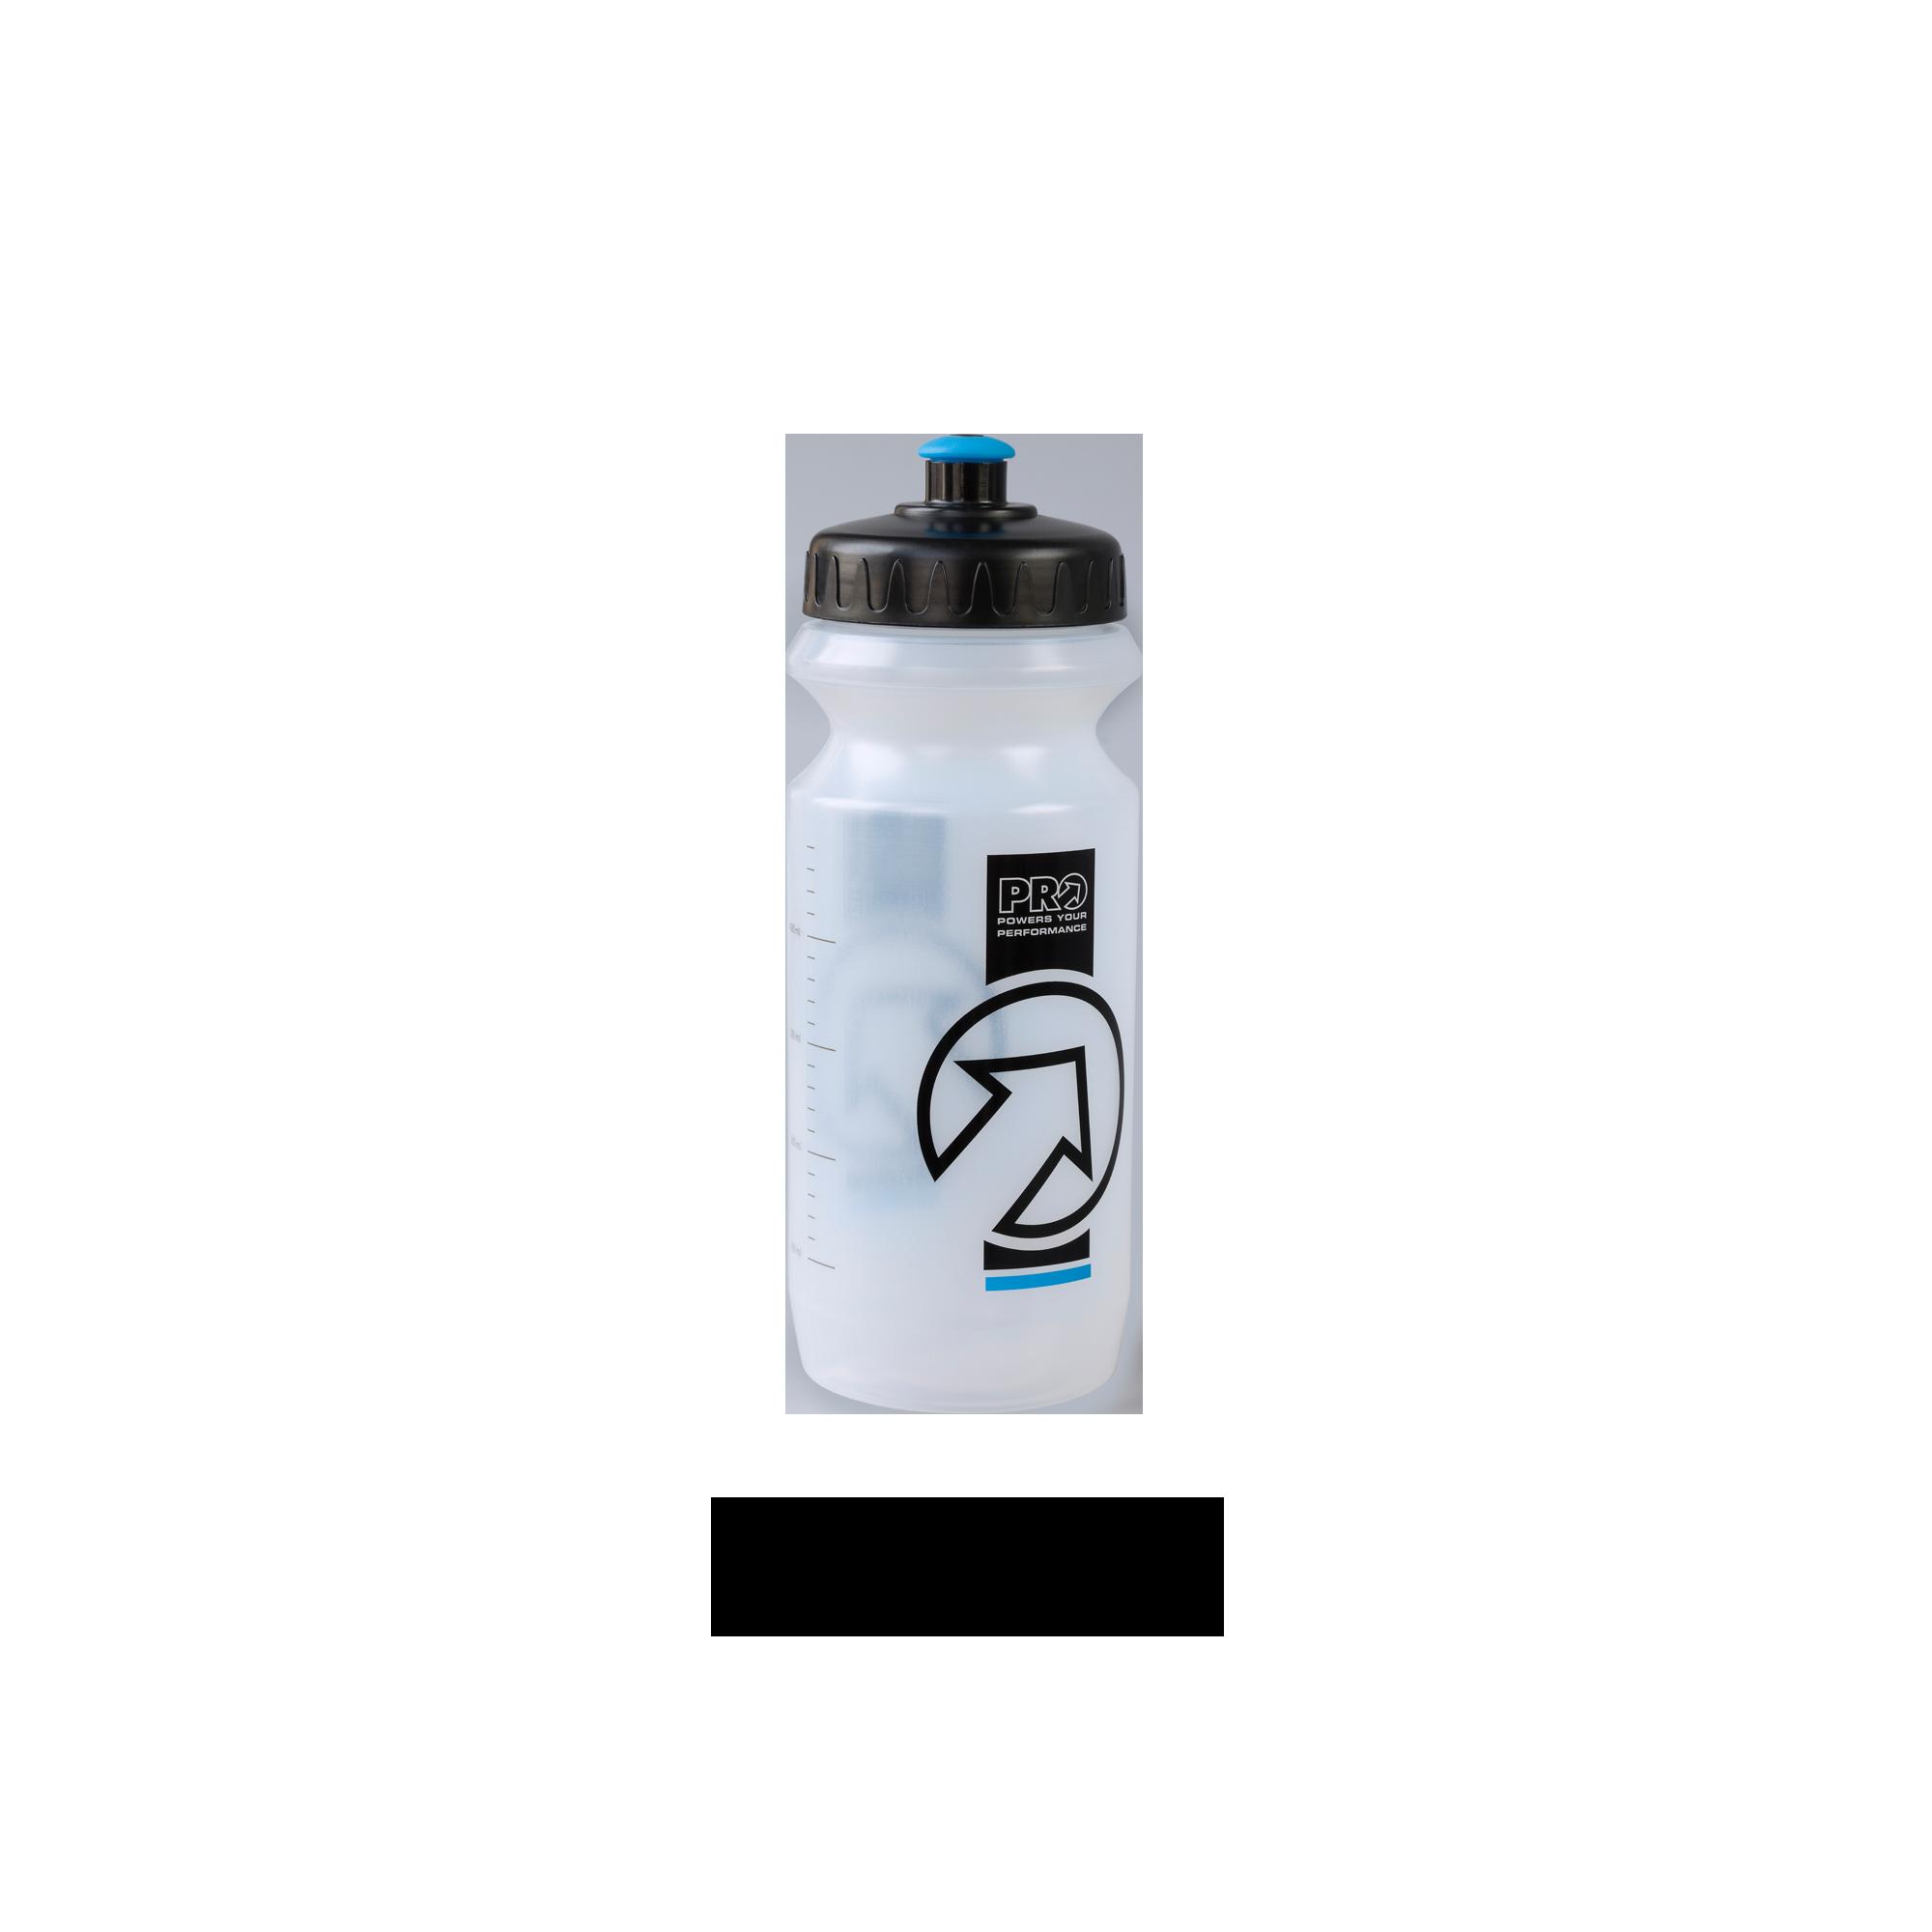 PRO láhev 600 ml, transparentní